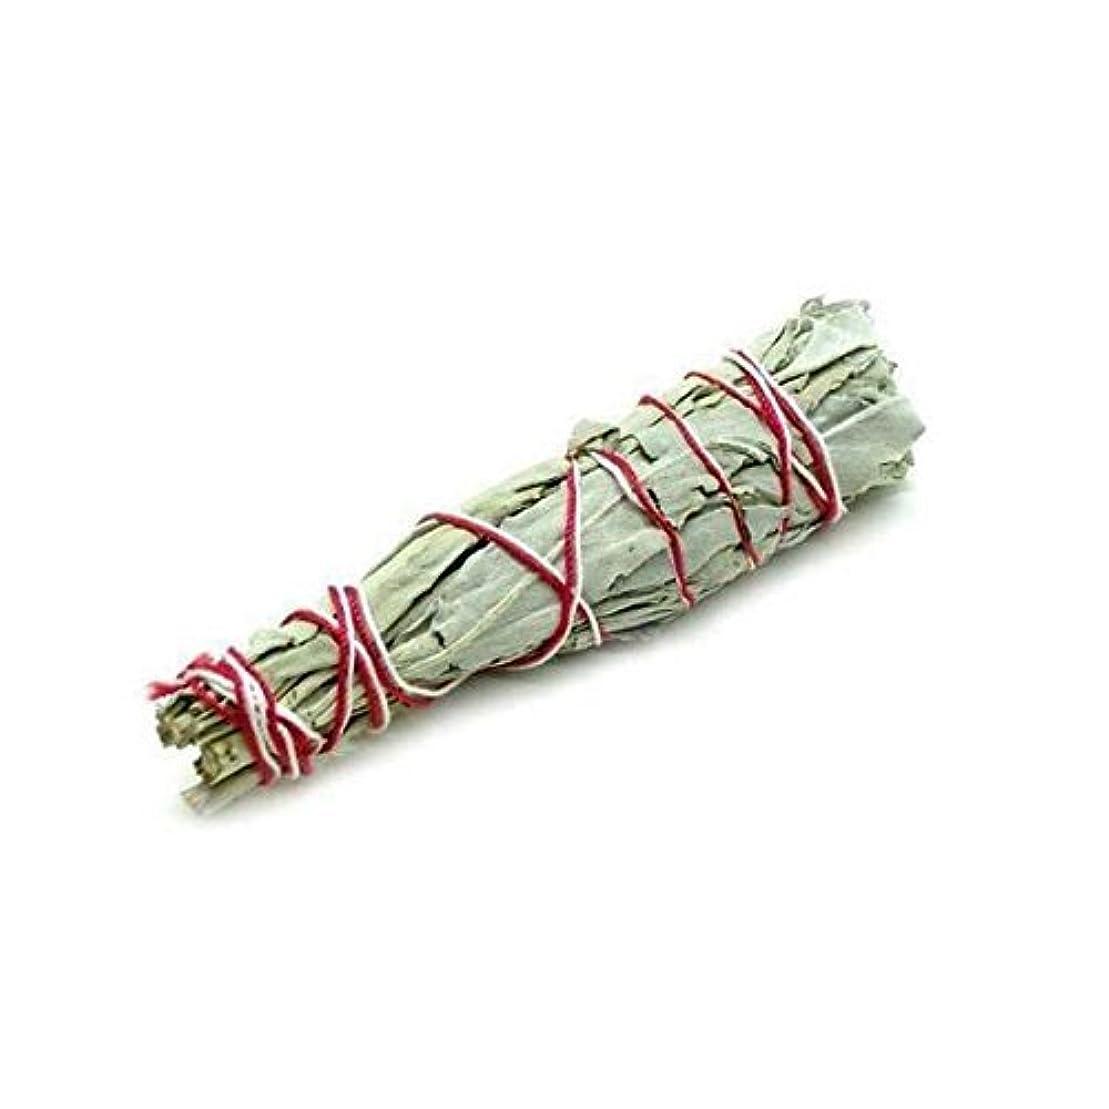 バウンス誰任意セージバンドル – ホワイトセージSmudge Stick使用のクレンジングとPurifyingエネルギー、瞑想、自然として、消臭 – 6 Inches Long